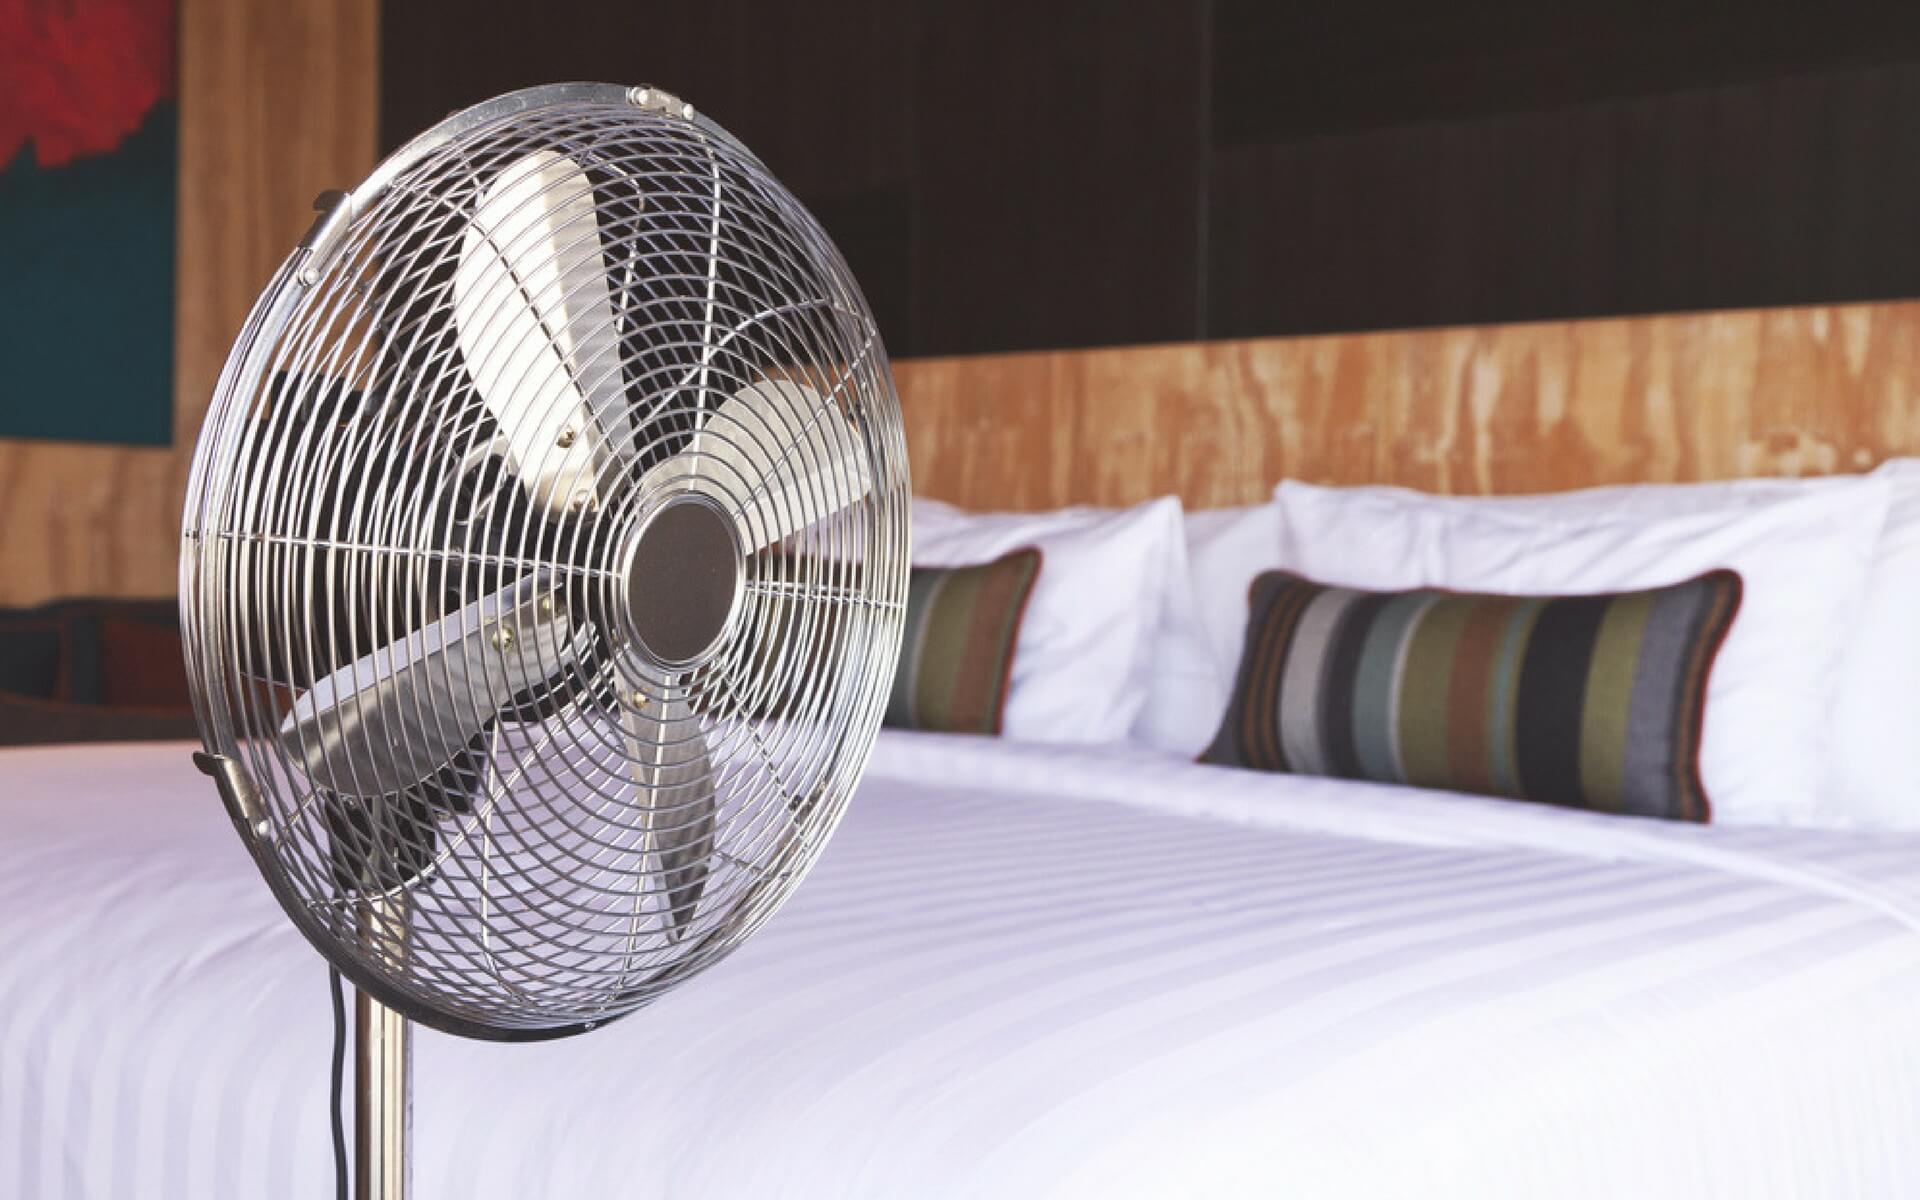 Rinfrescare Casa Fai Da Te come rinfrescare la casa d'estate senza l'aria condizionata